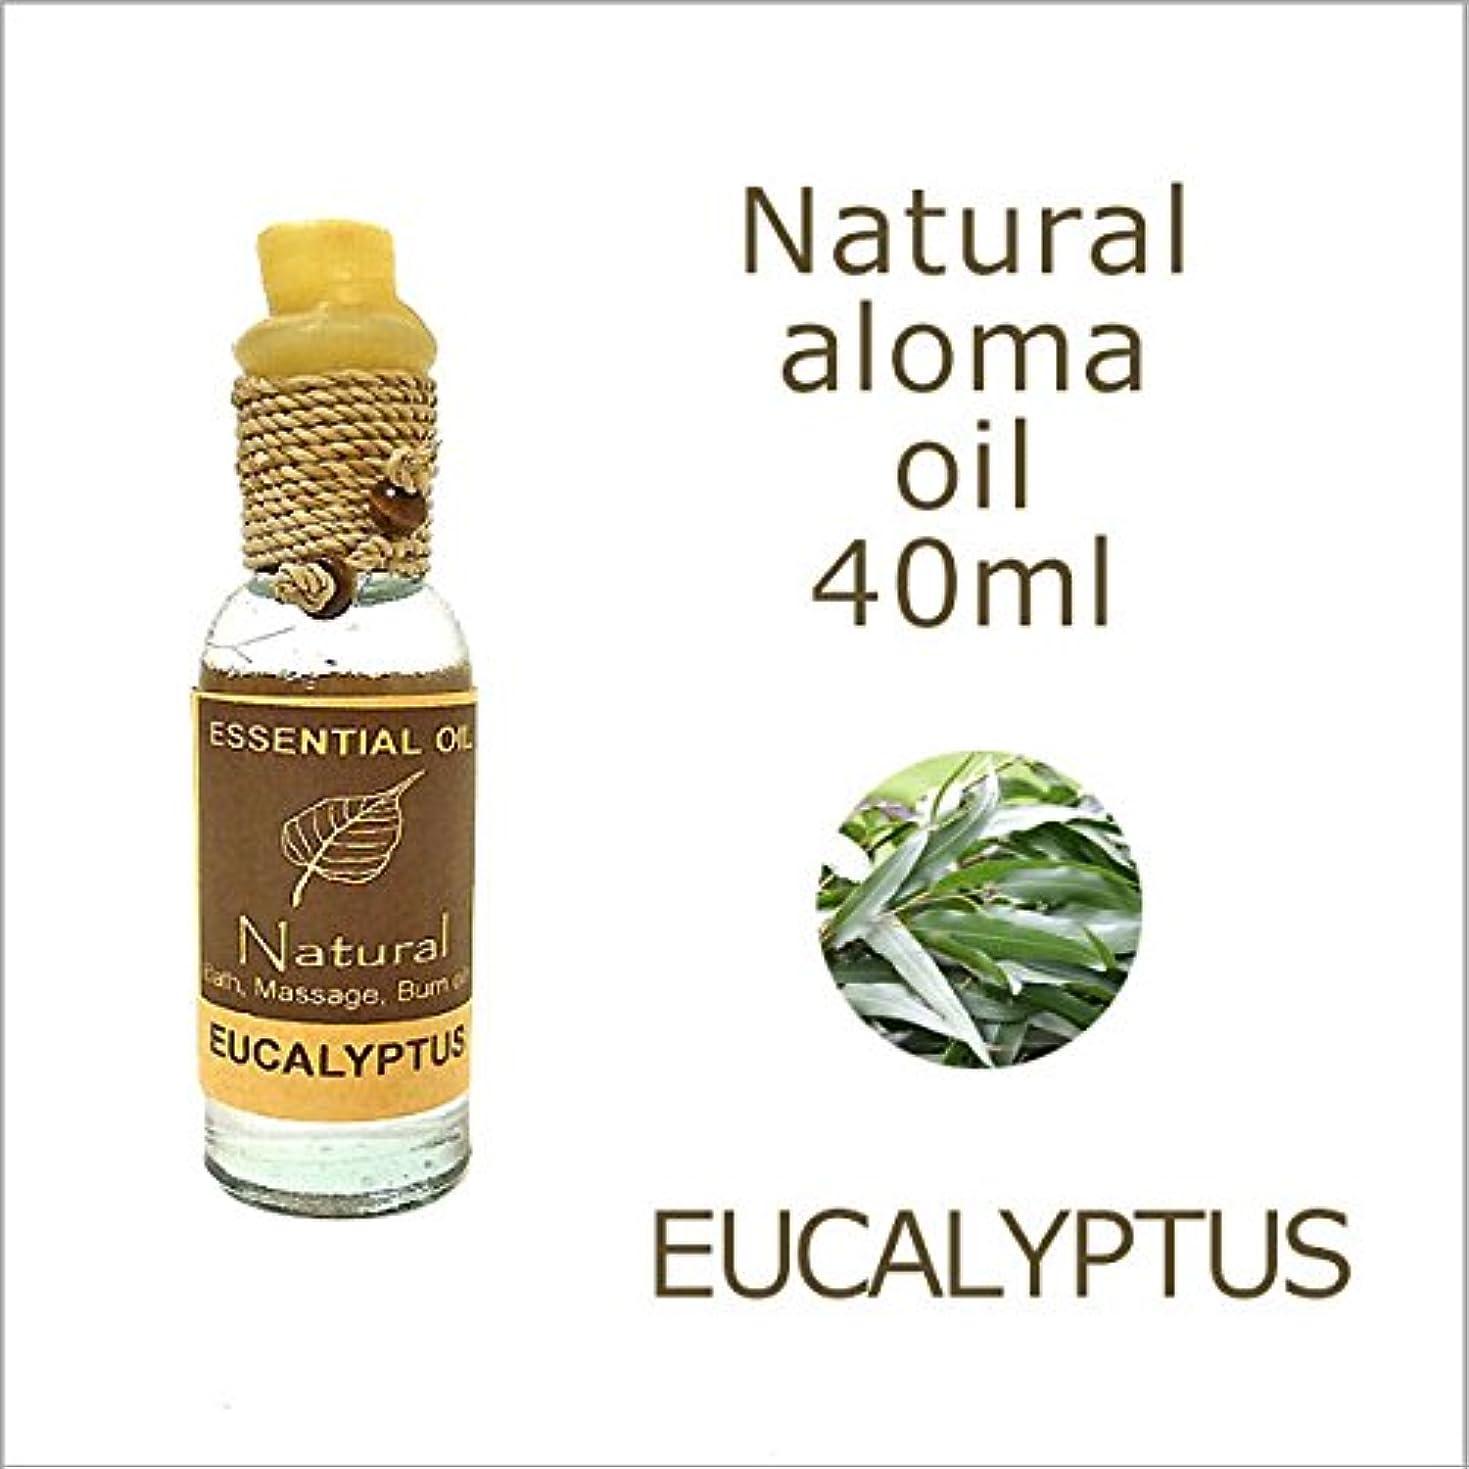 害行商イノセンスユーカリ Eucalyptusアロマオイル40ml マッサージオイル アジアン 雑貨 バリ 雑貨 タイ 雑貨 アジアン インテリア 花粉 対策 並行輸入品